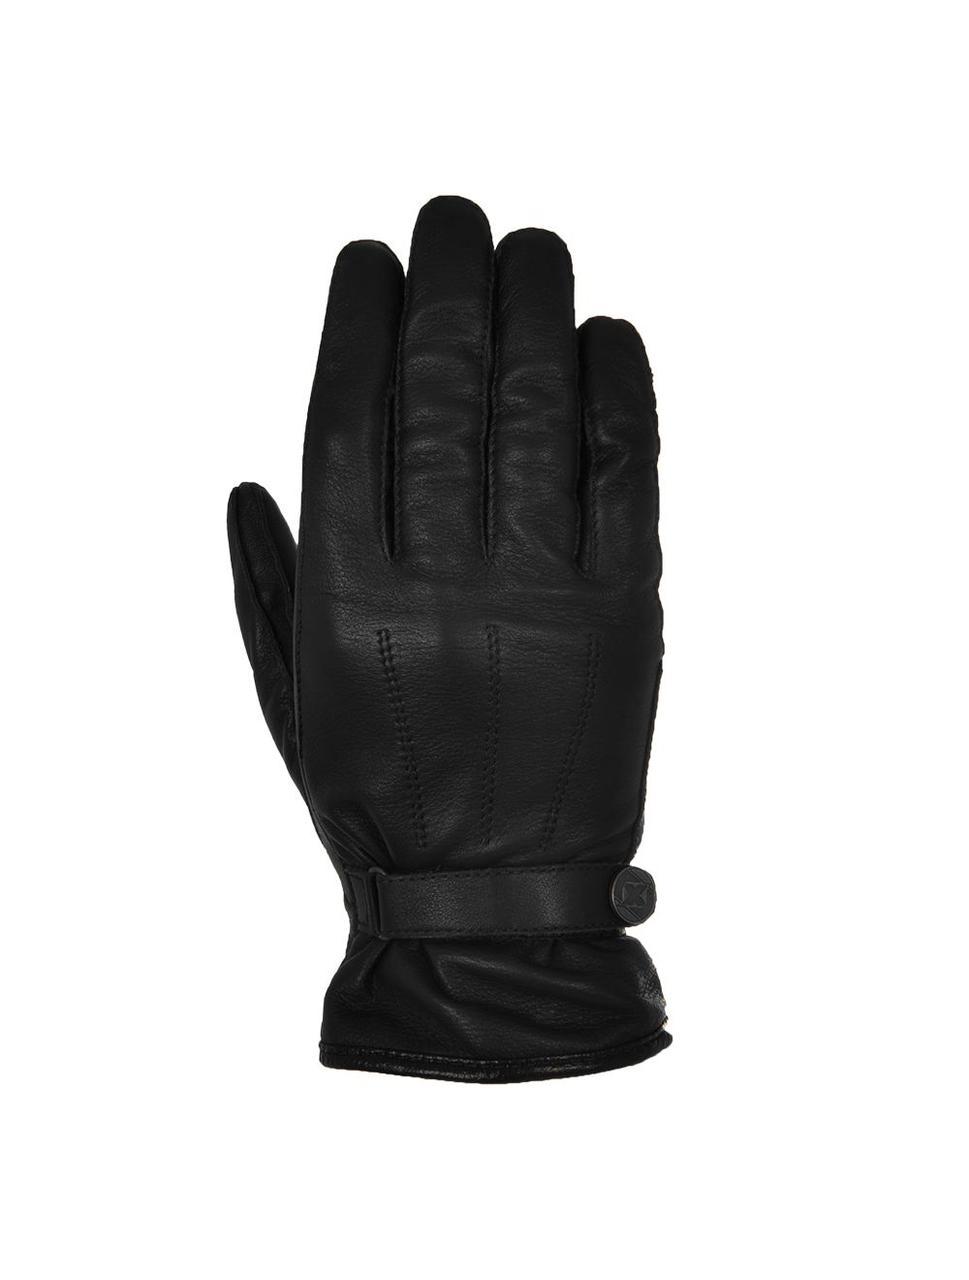 Мотоперчатки кожаные короткие Oxford Holton черный, XL